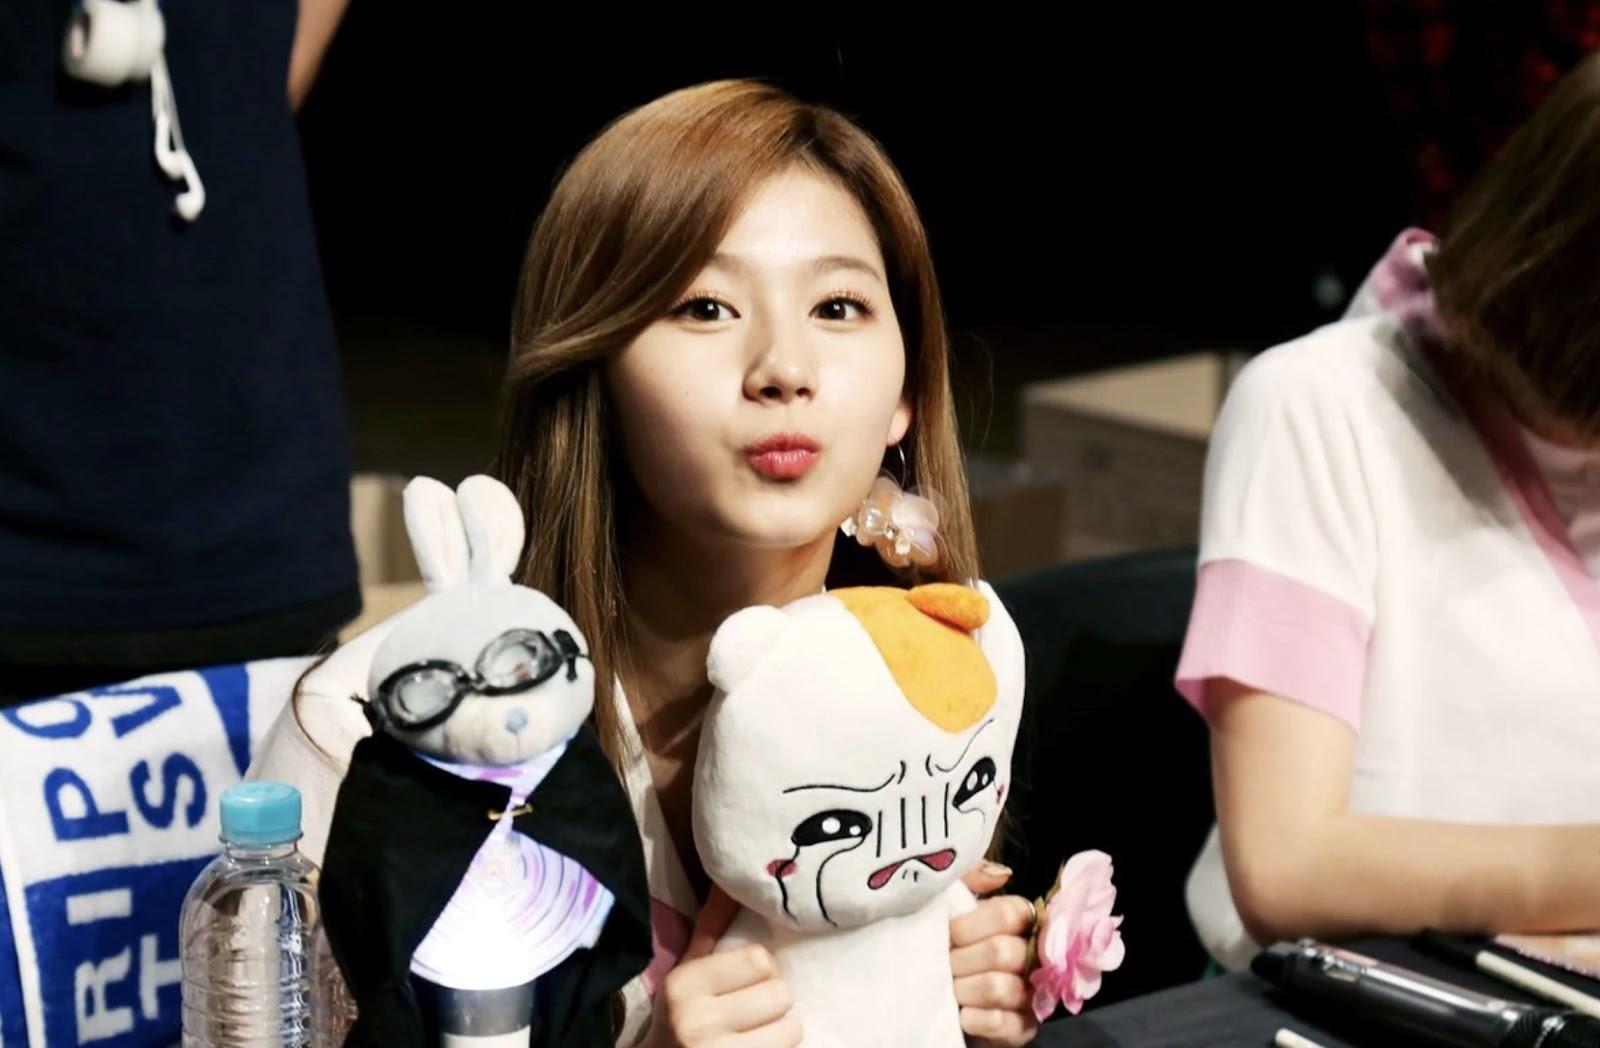 iljin kpop idols meet